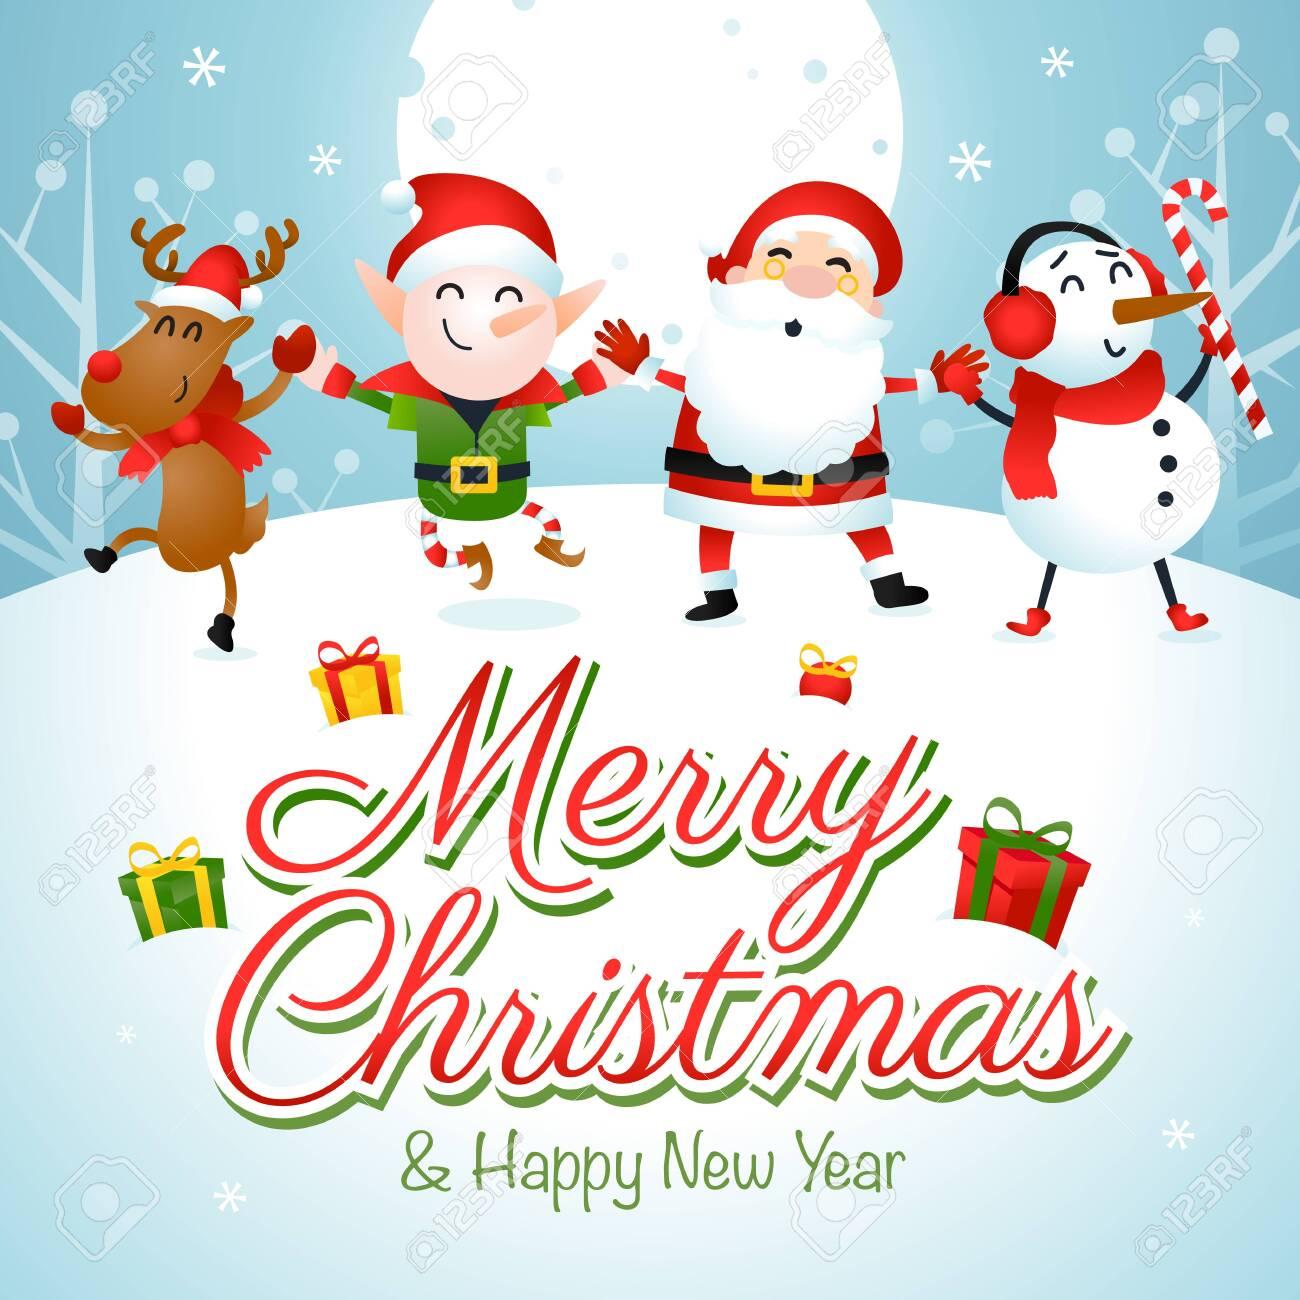 Happy Holidays! - 121759305